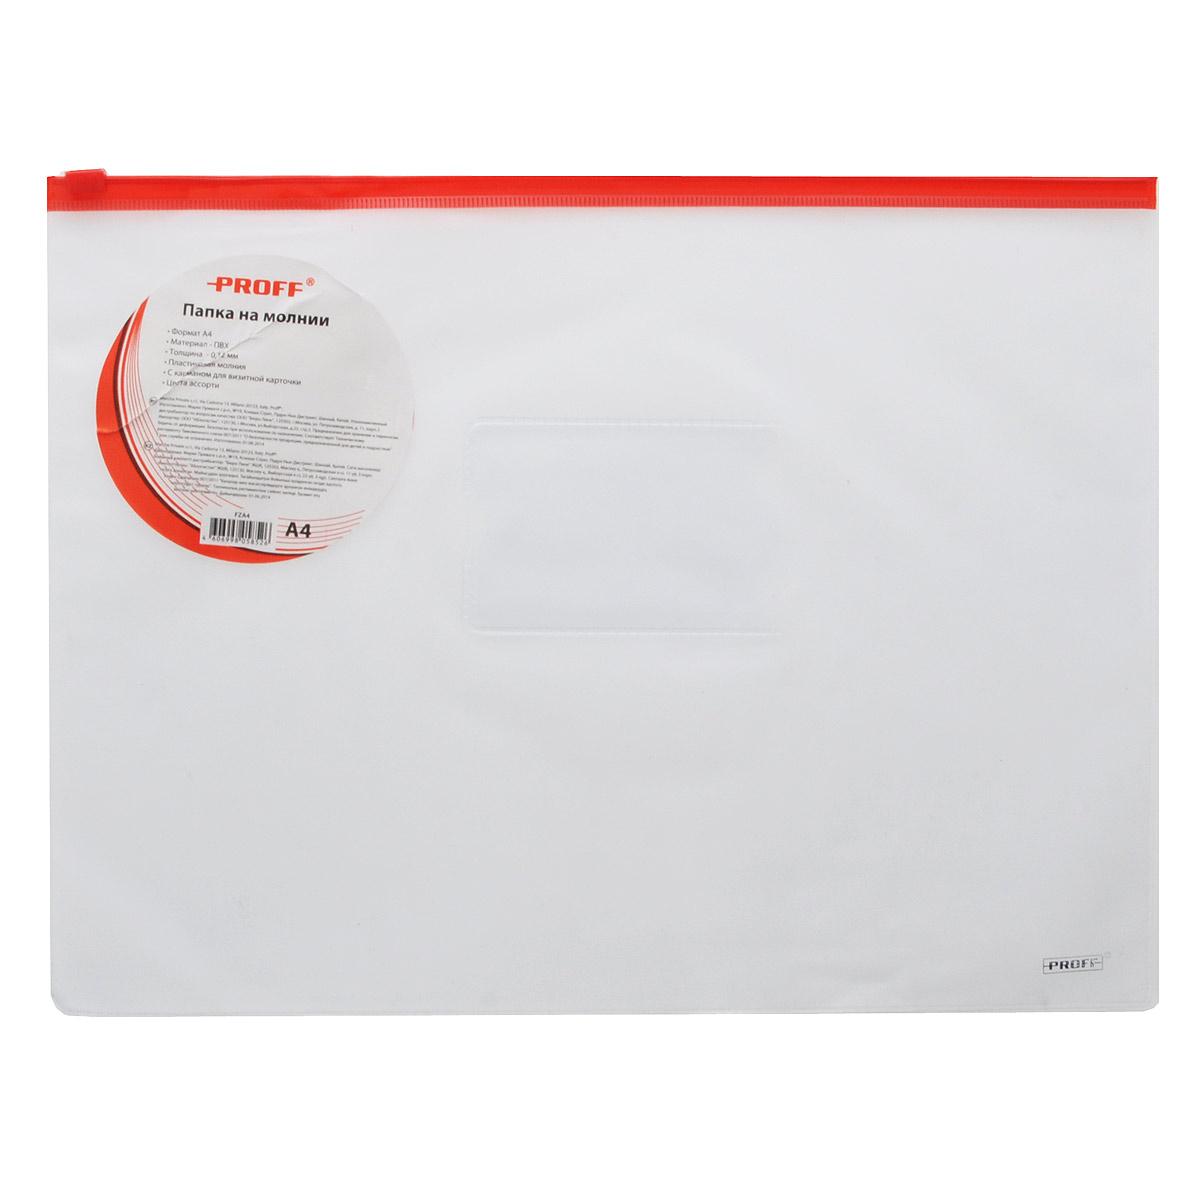 Папка на молнии Proff, цвет: прозрачный. Формат A4FZA4Папка на молнии Proff - это удобный и функциональный офисный инструмент, предназначенный для хранения и транспортировки рабочих бумаг и документов. Папка изготовлена из износостойкого прозрачного ПВХ и закрывается на пластиковую застежку-молнию. Снаружи имеется кармашек для визитной карточки. Папка - это незаменимый атрибут для студента, школьника, офисного работника. Такая папка надежно сохранит ваши документы и сбережет их от повреждений, пыли и влаги. Без наполнения.